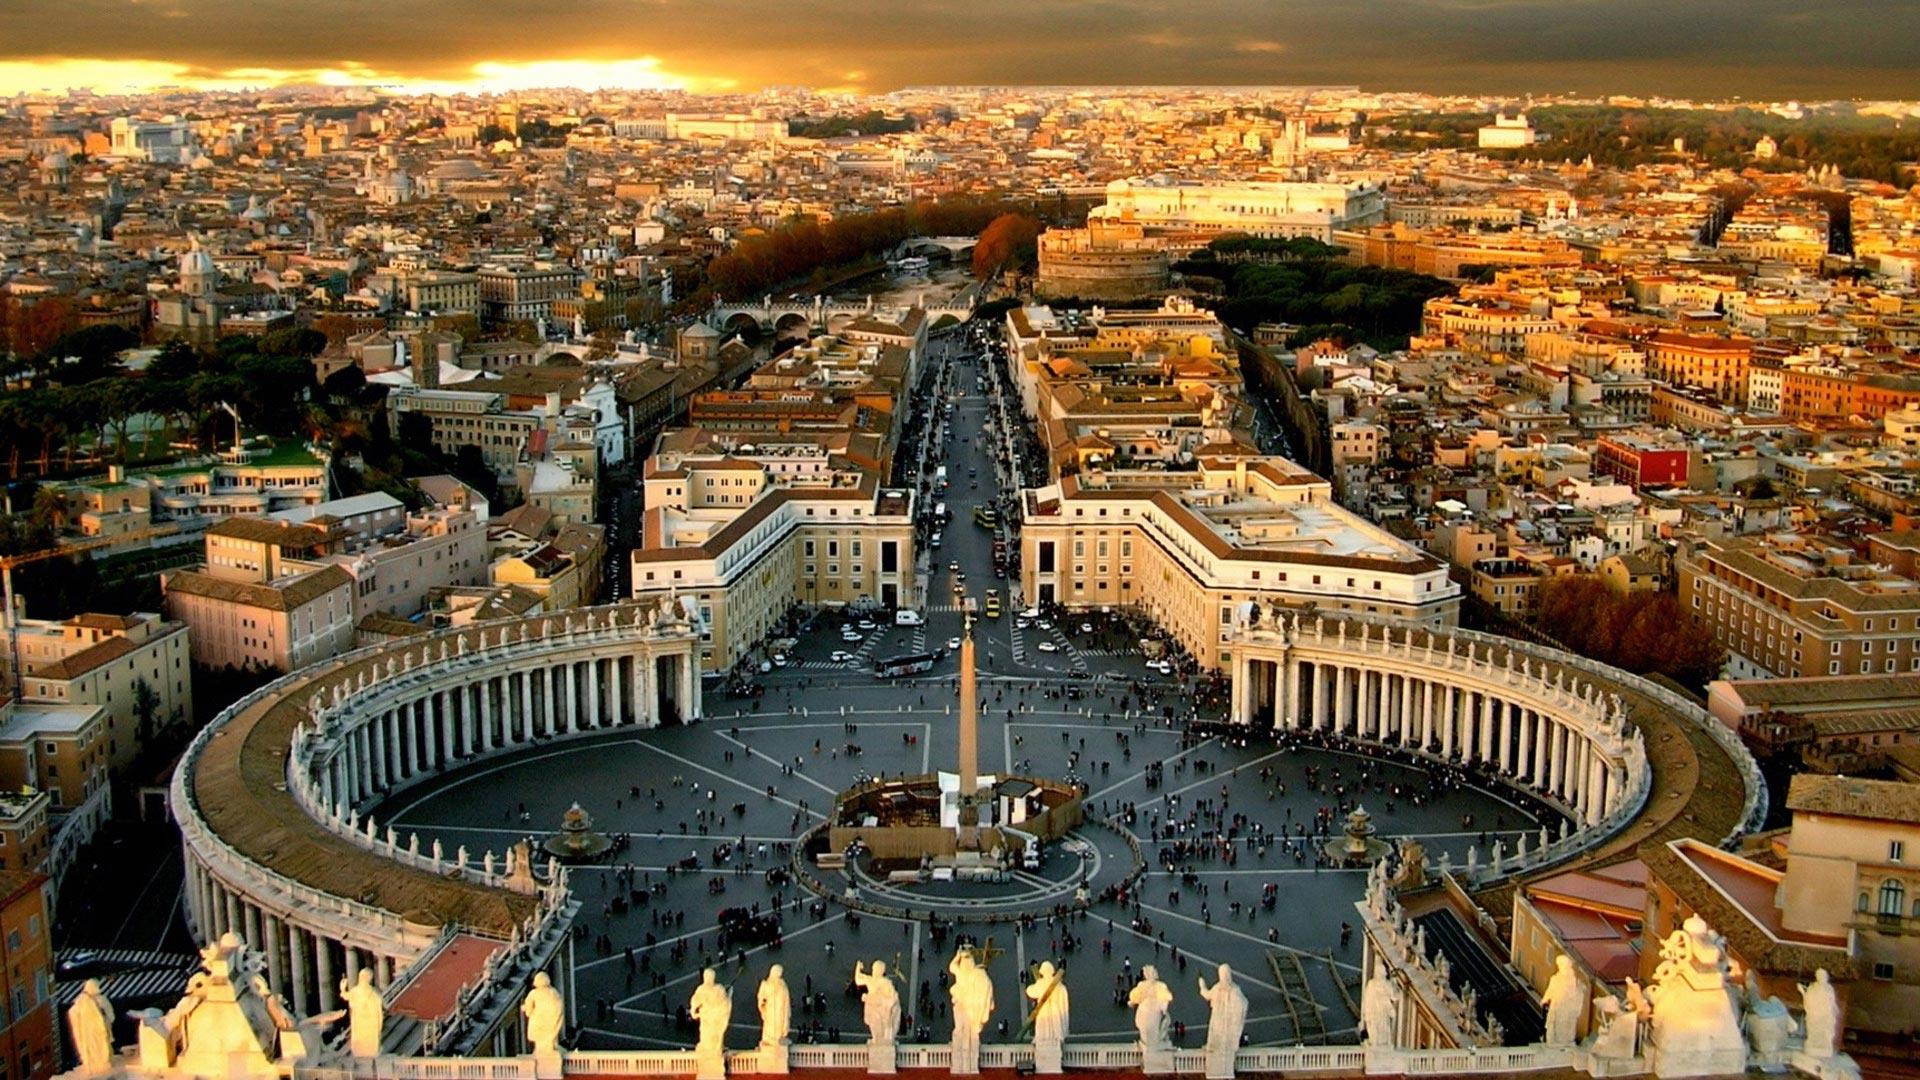 vatikan - ТОП 10 достопримечательностей Рима